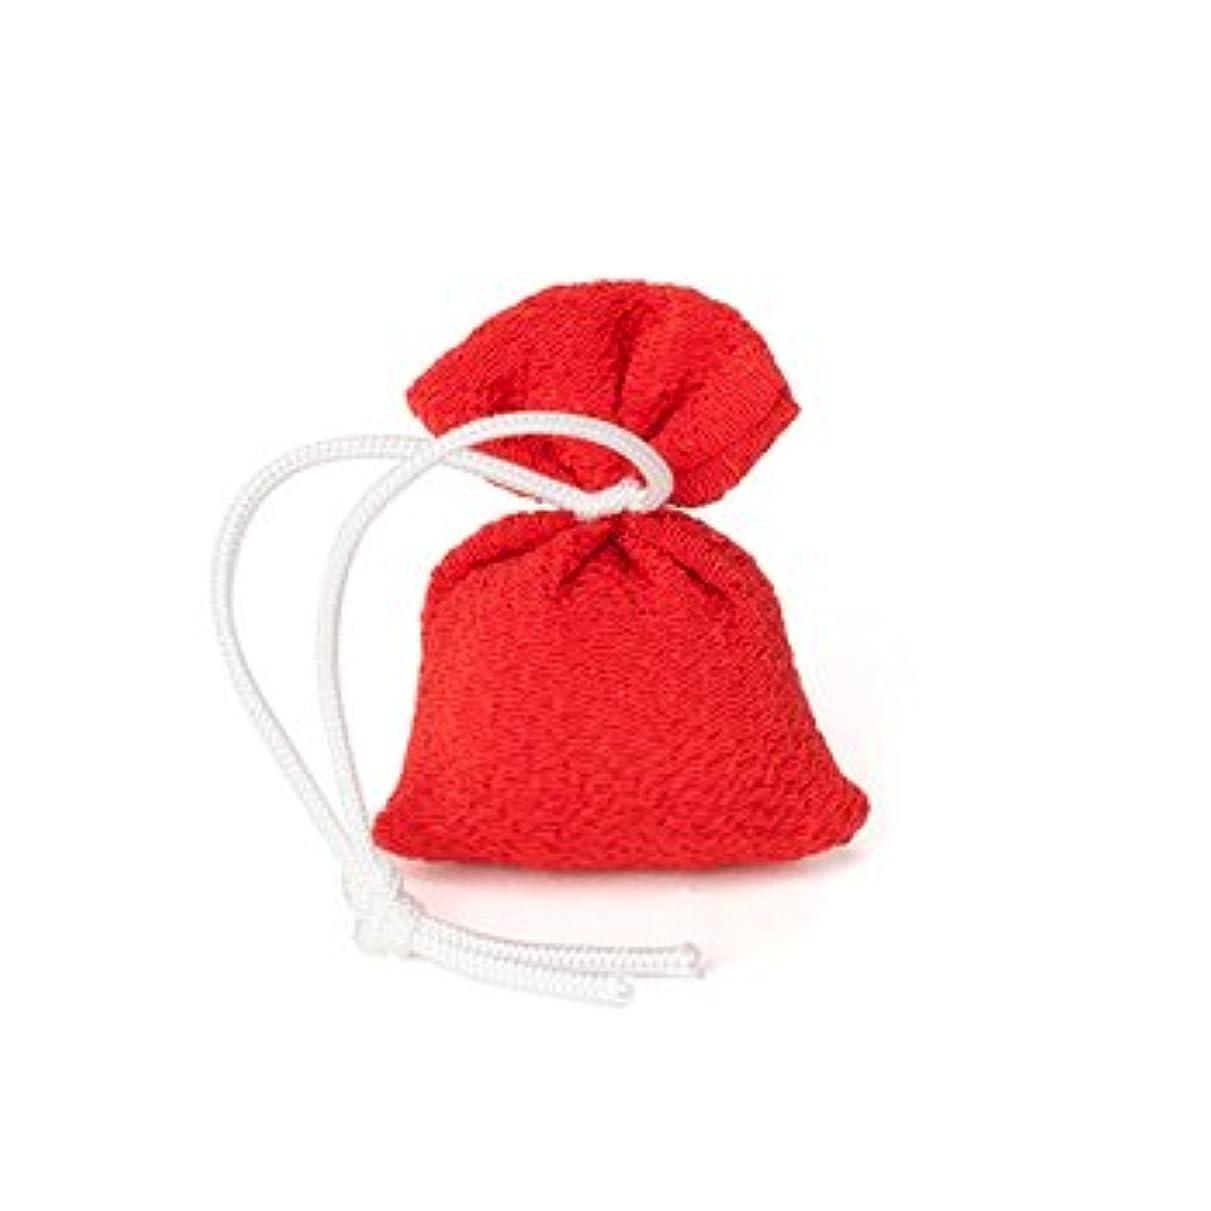 種発送枝松栄堂 匂い袋 誰が袖 携帯用 1個入 ケースなし (色をお選びください) (赤)